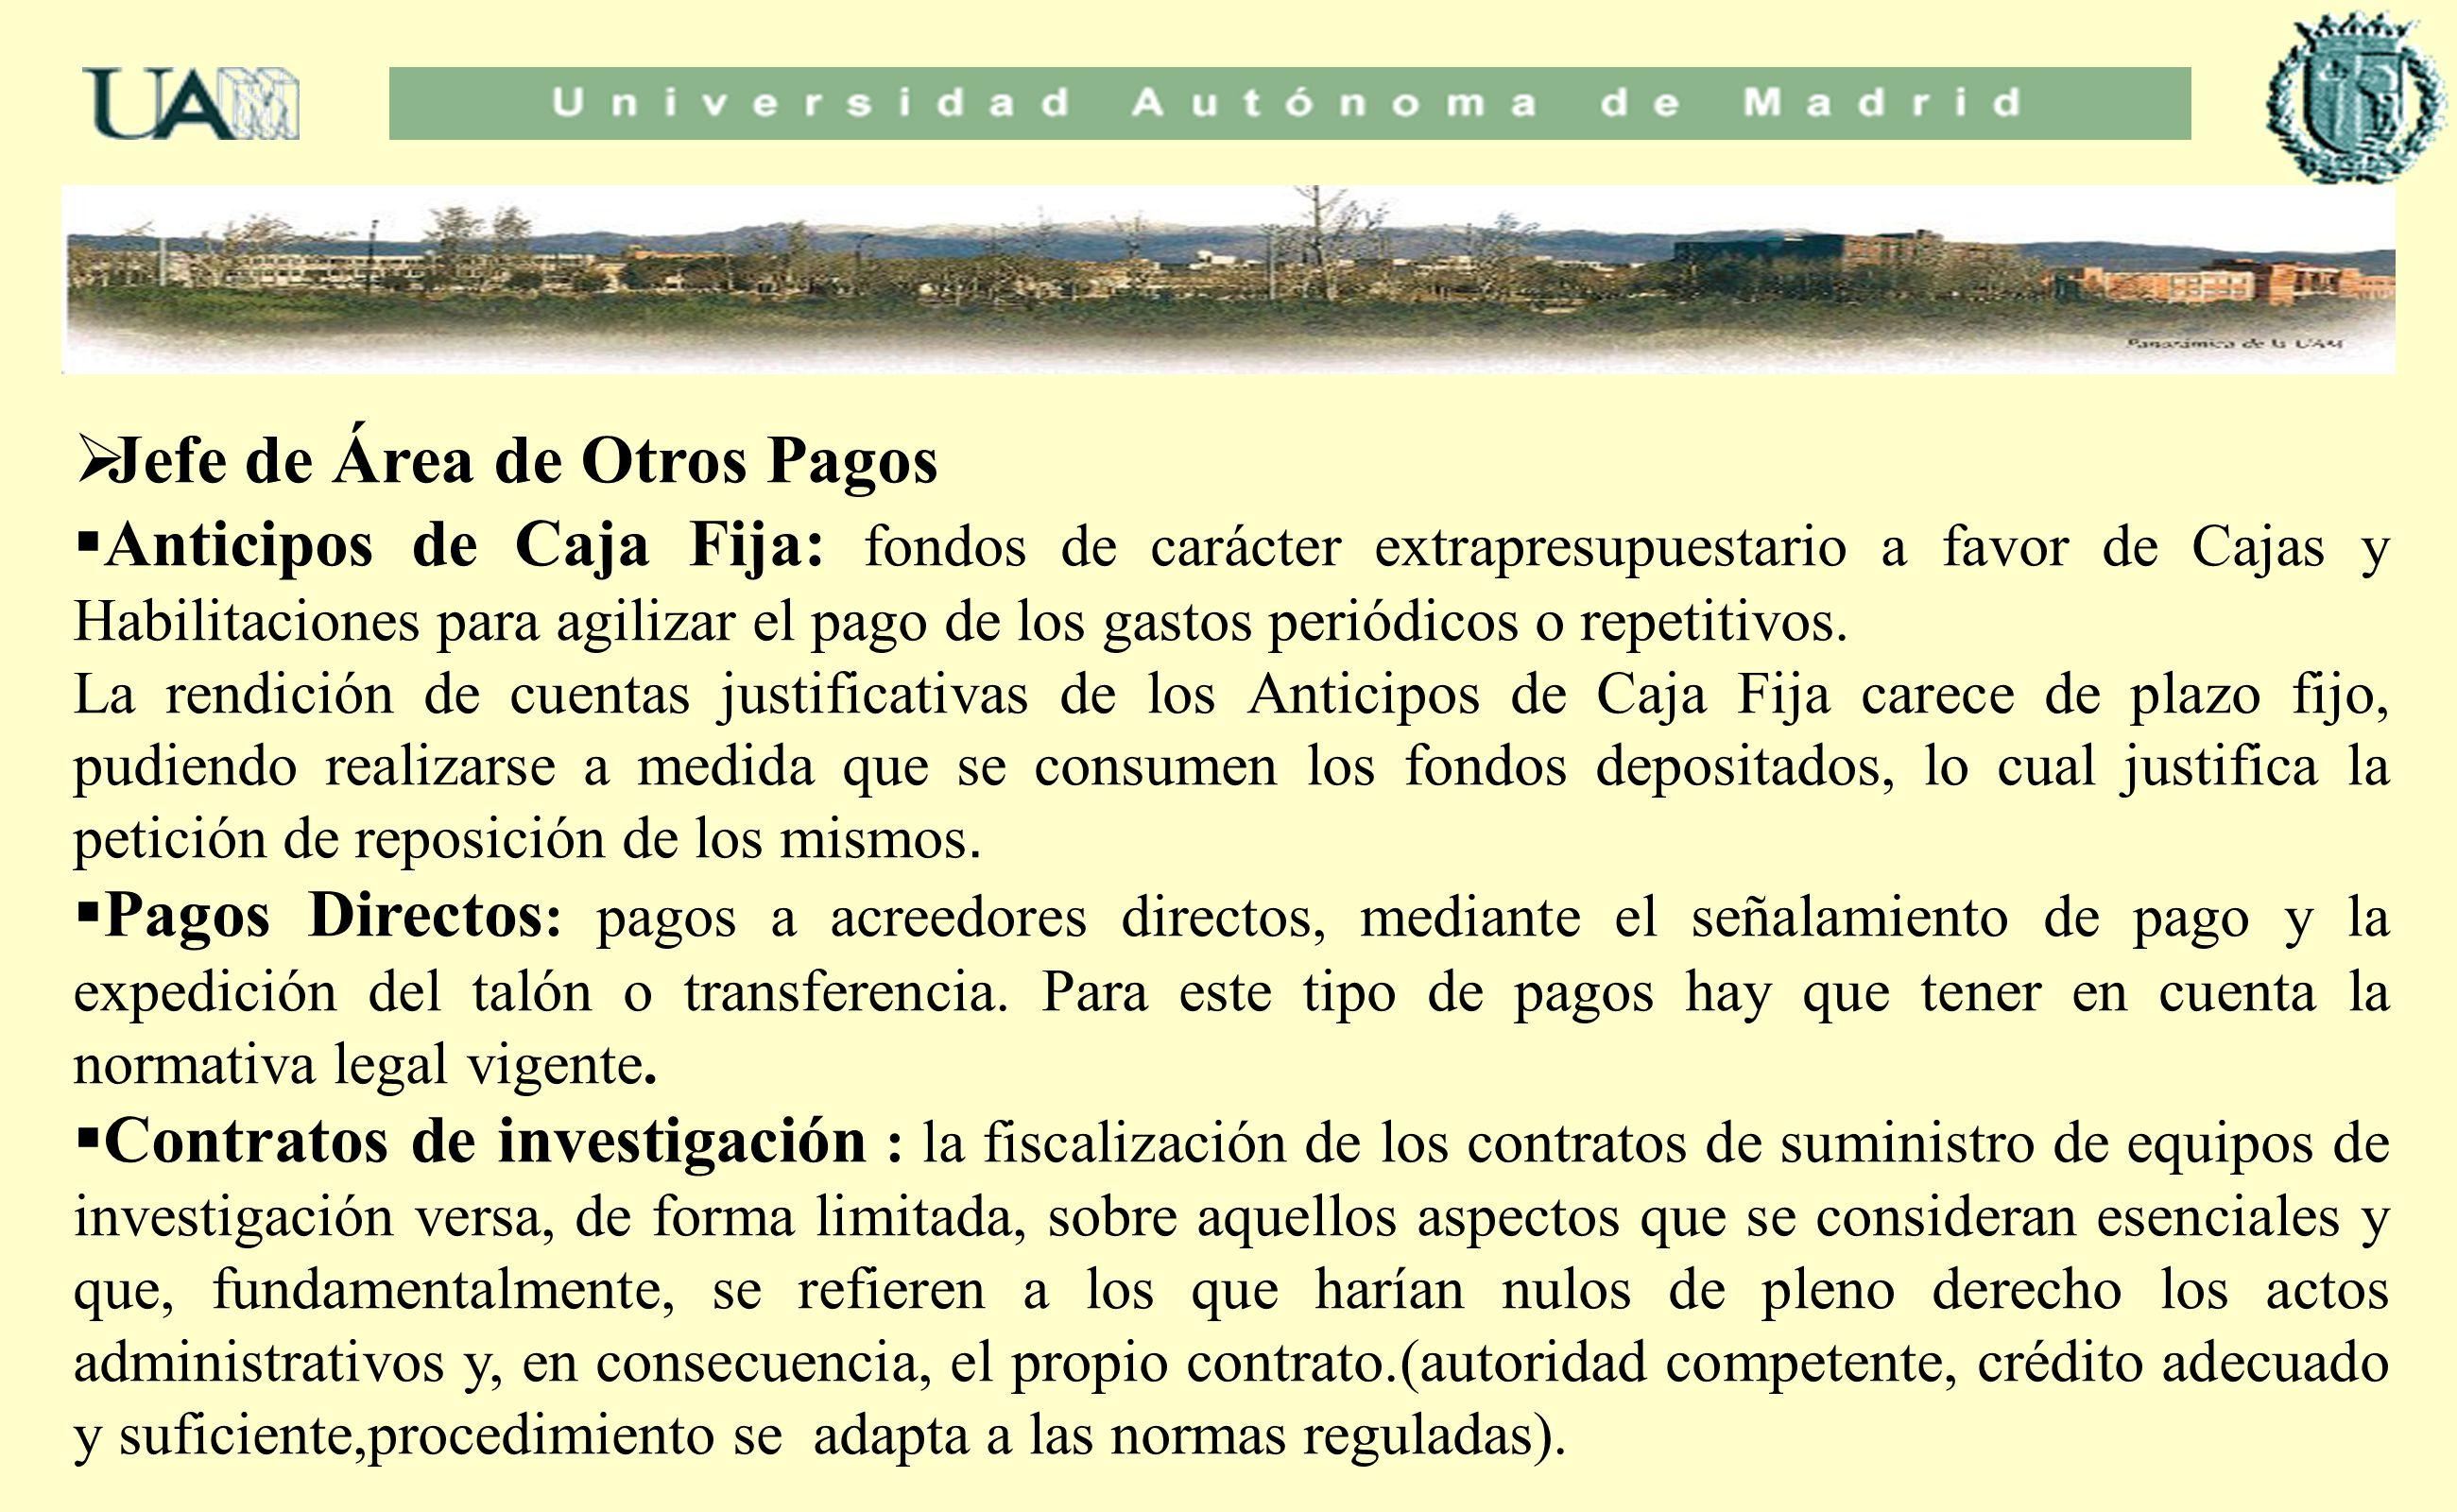 Jefe de Área de Otros Pagos Anticipos de Caja Fija : fondos de carácter extrapresupuestario a favor de Cajas y Habilitaciones para agilizar el pago de